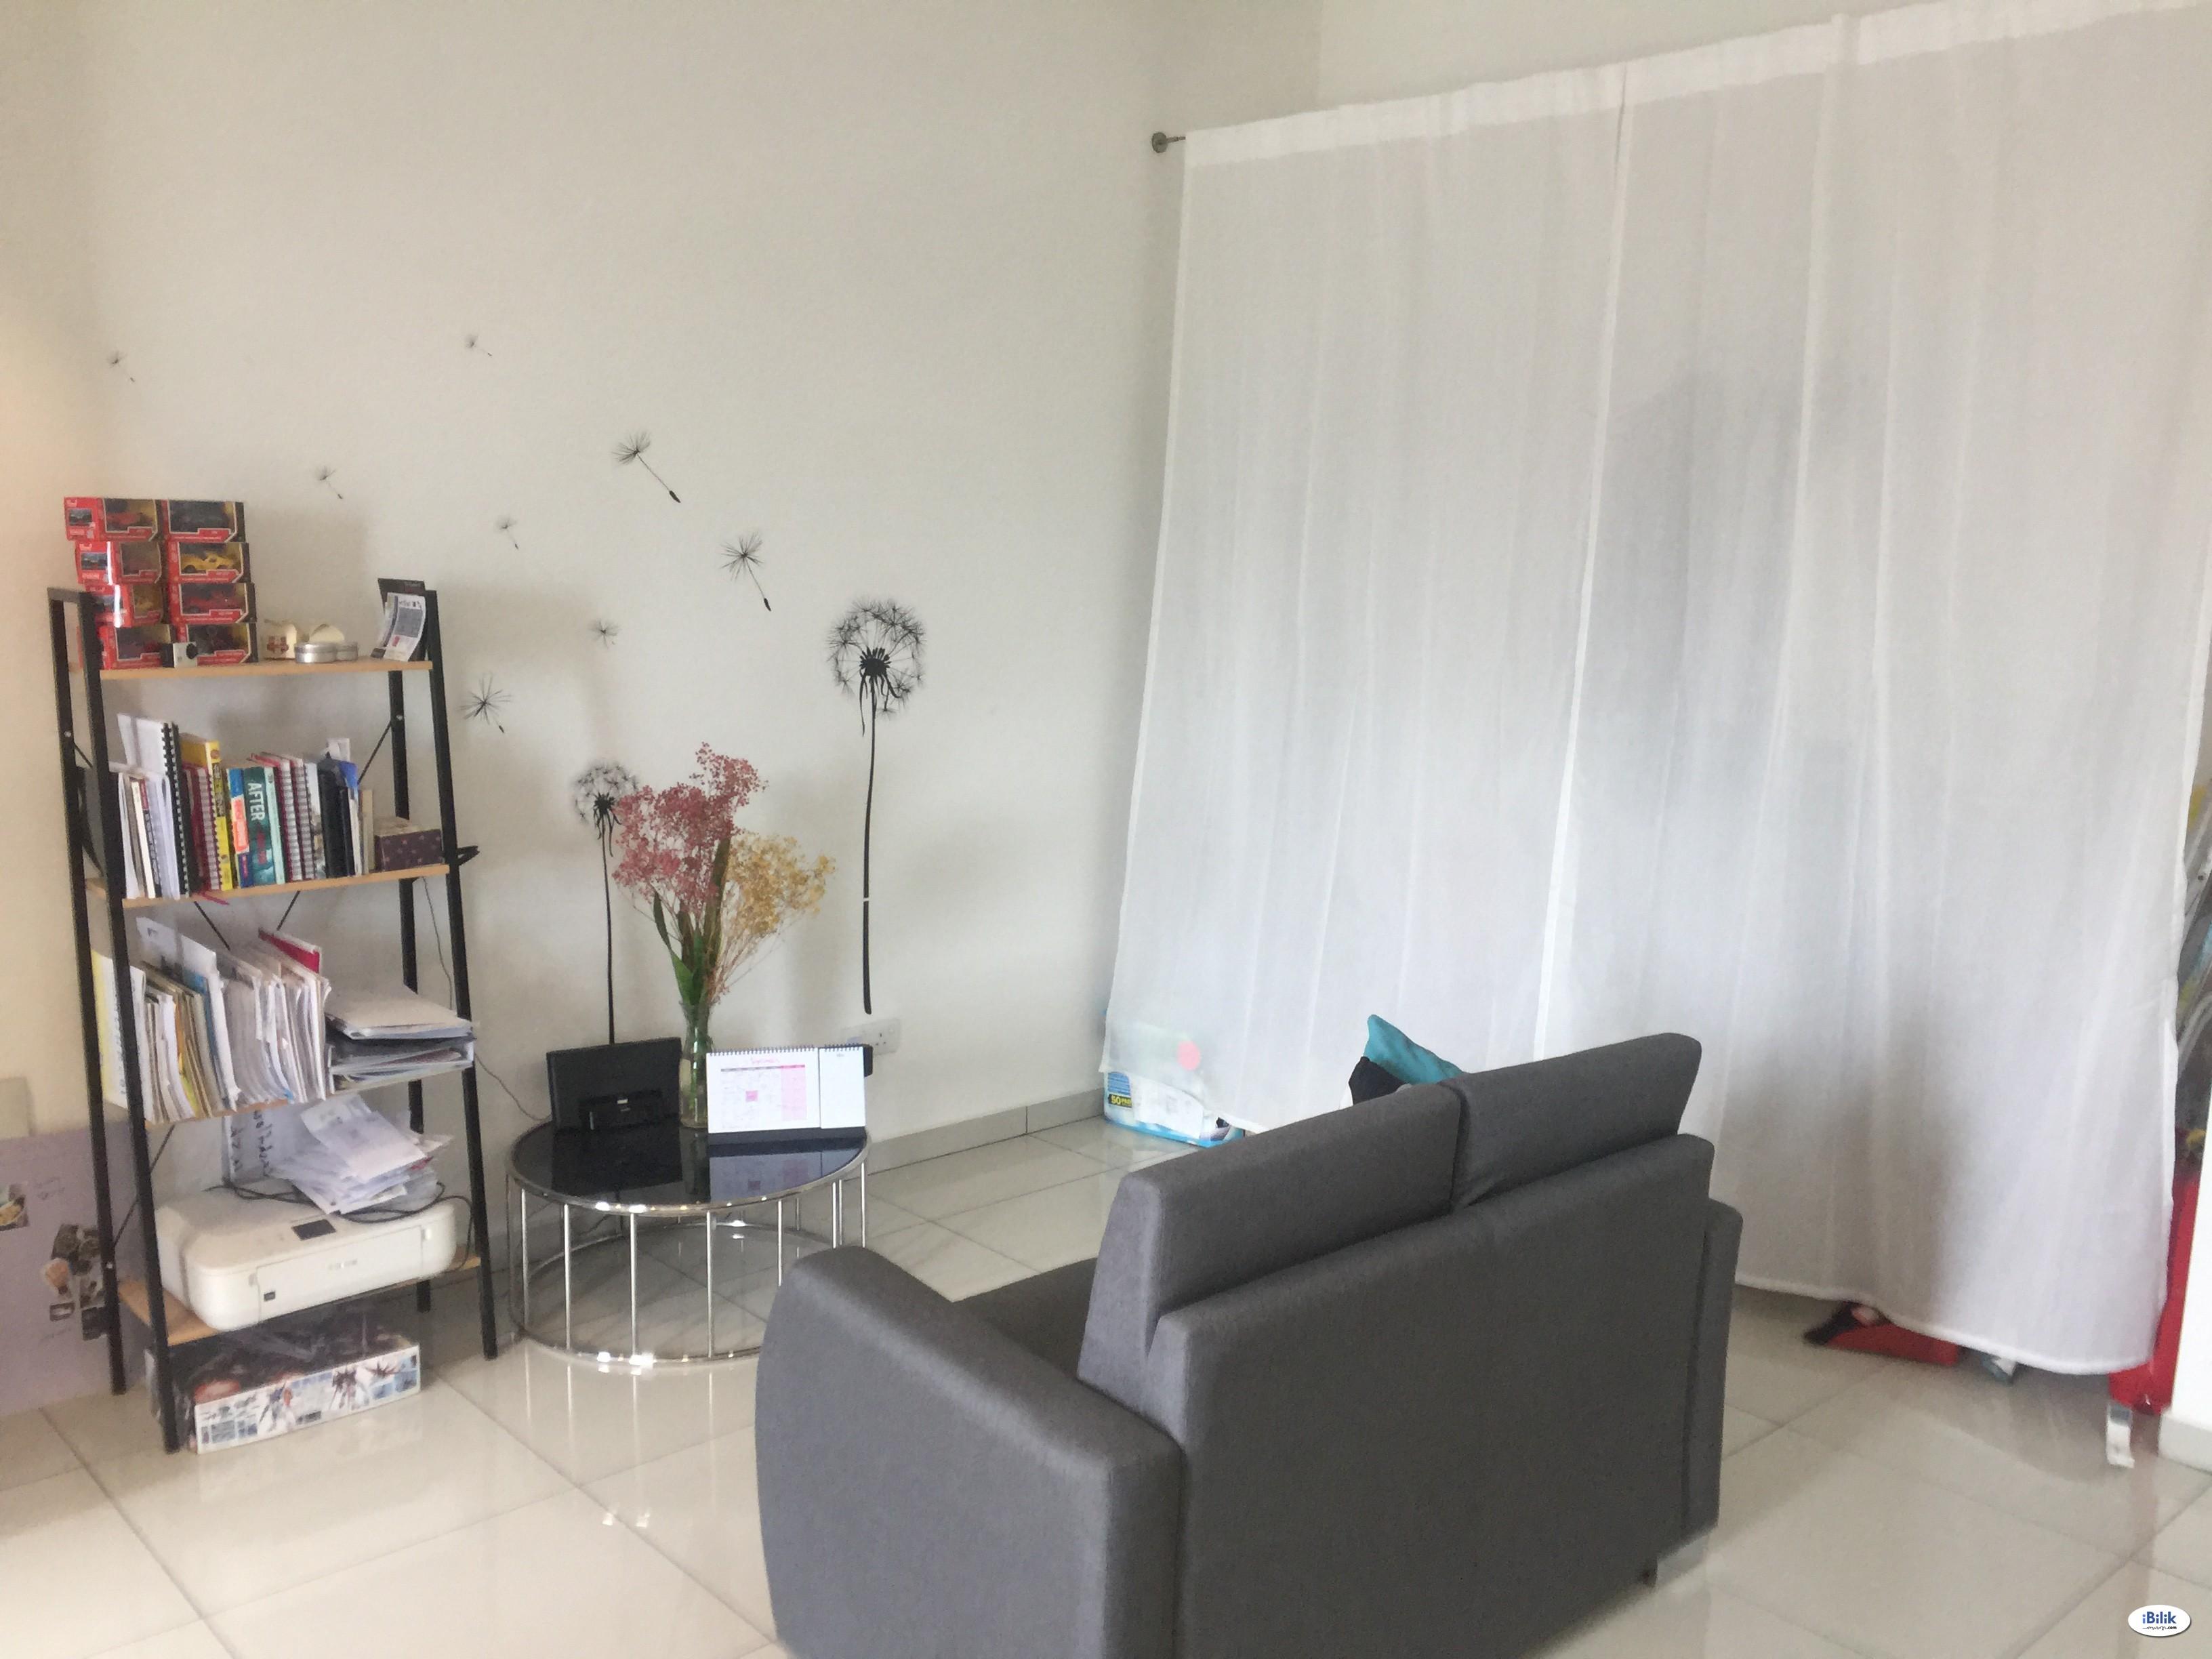 Studio at One South, Seri Kembangan